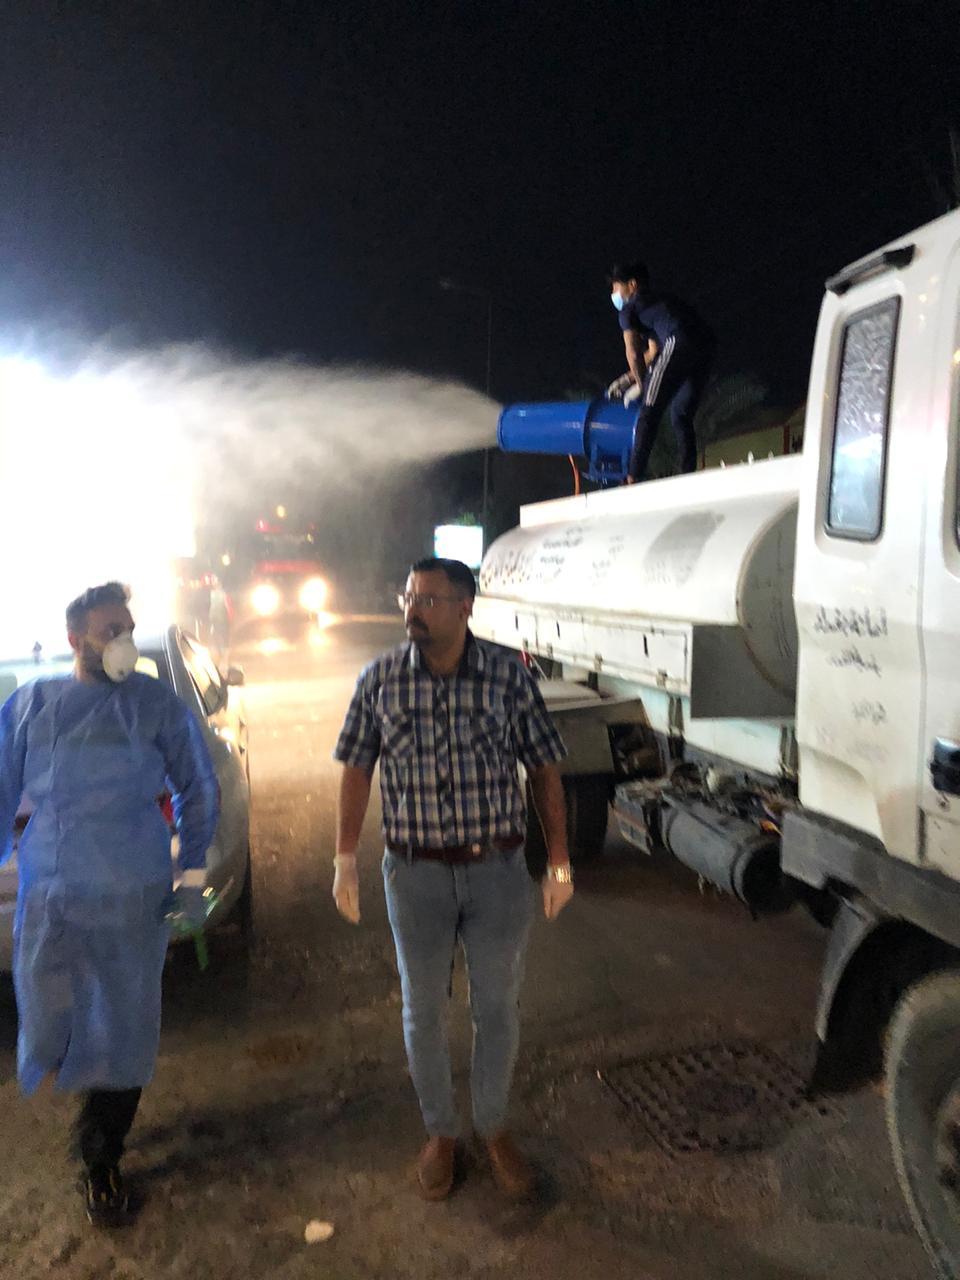 أمانة بغداد : ملاكاتنا صنعت جهازاً لتعفير الشوارع